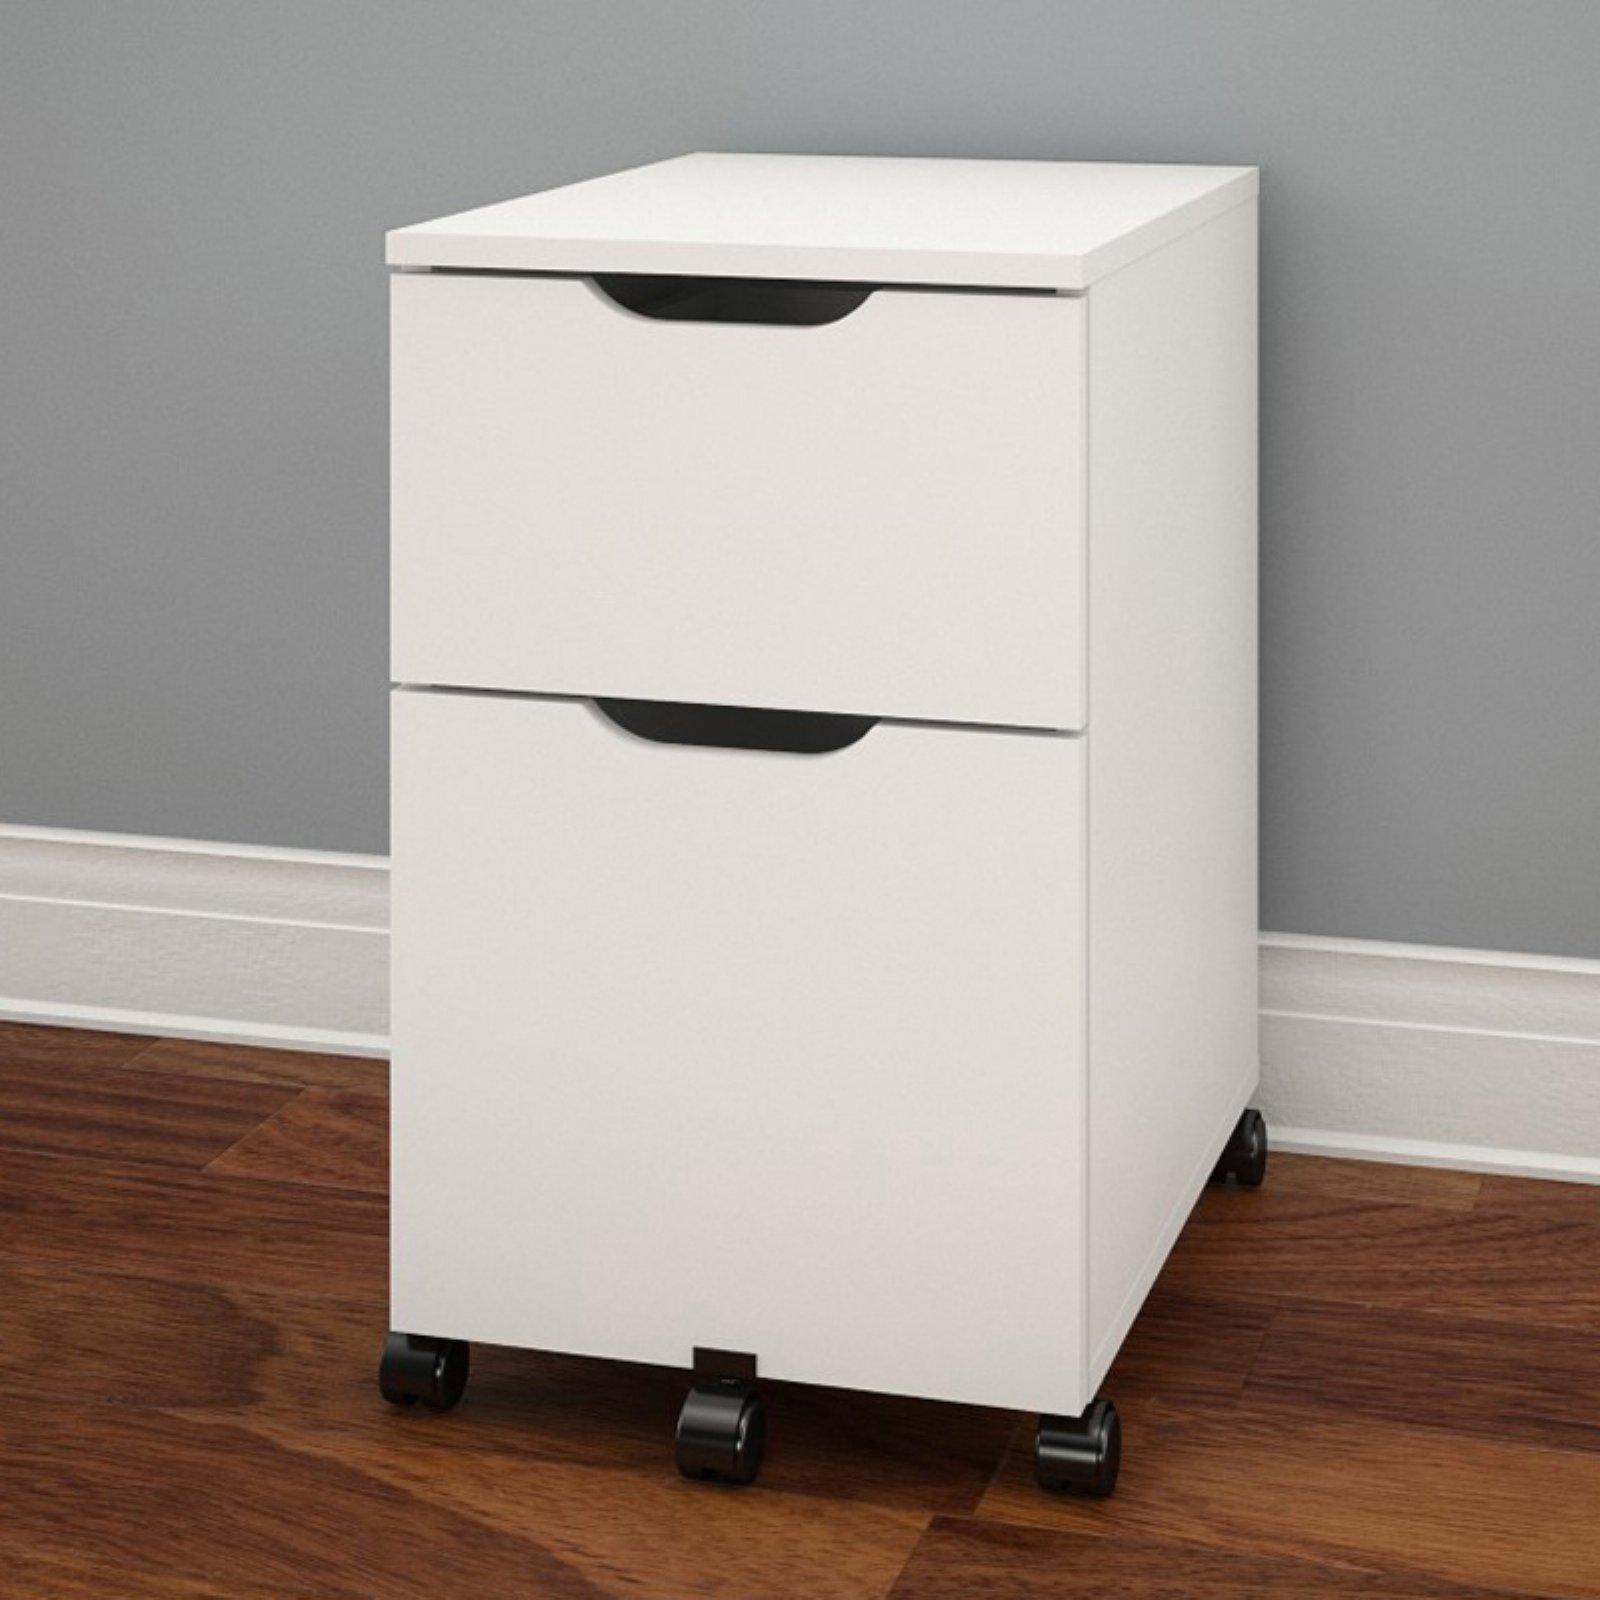 Nexera Arobas Mobile File Cabinet - White